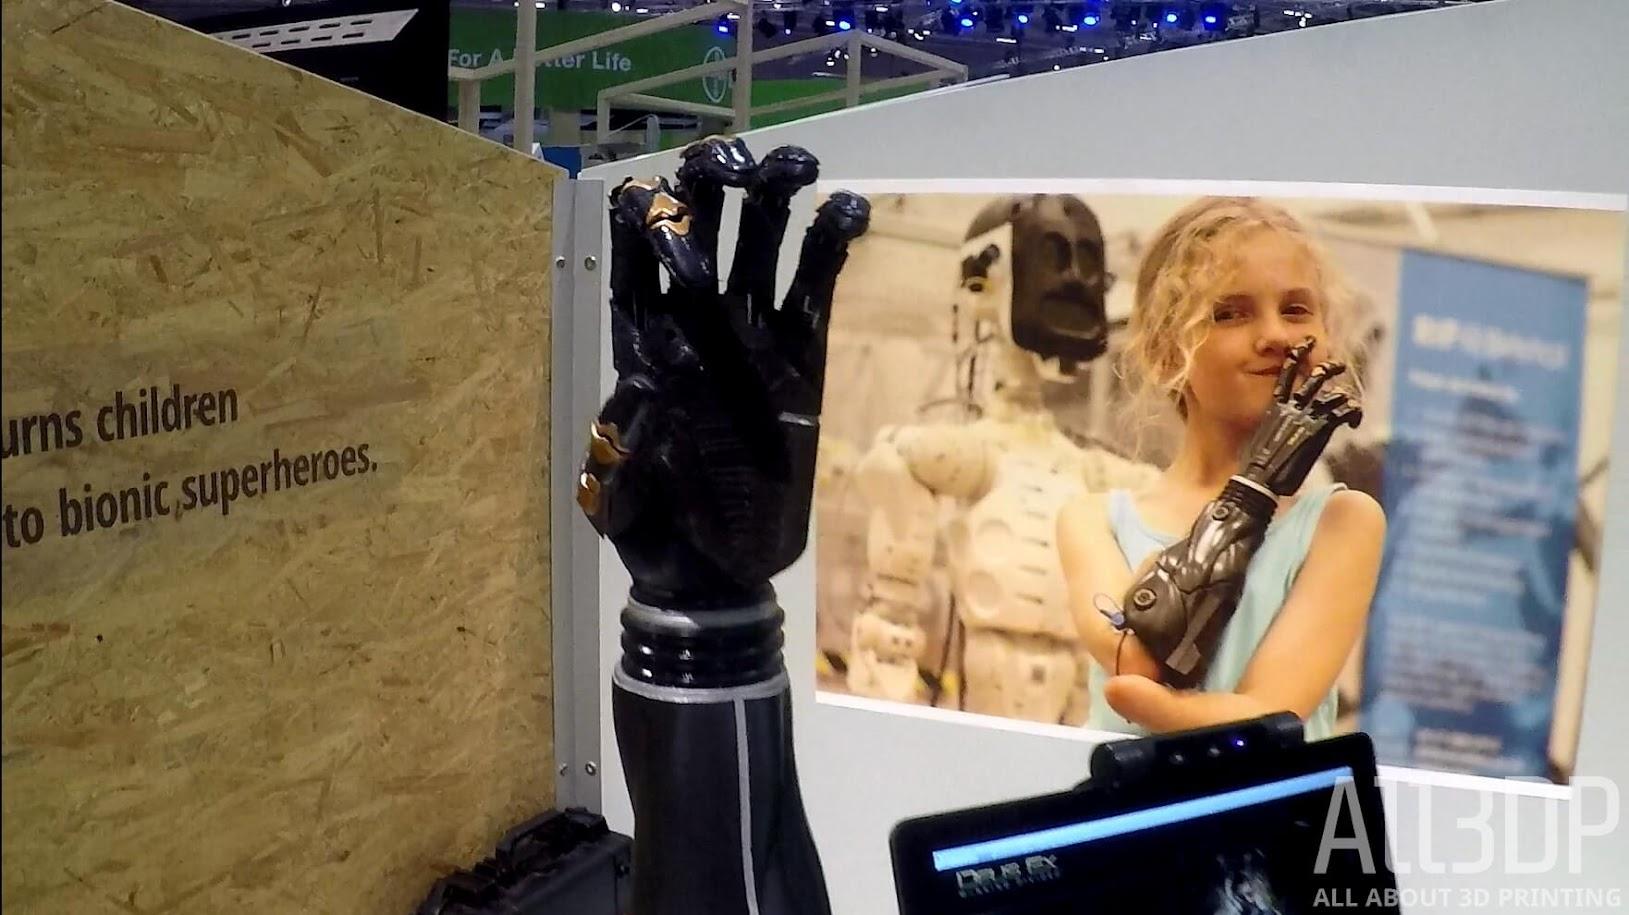 Начинается первое в мире клиническое исследование 3D-печатных бионических рук для детей